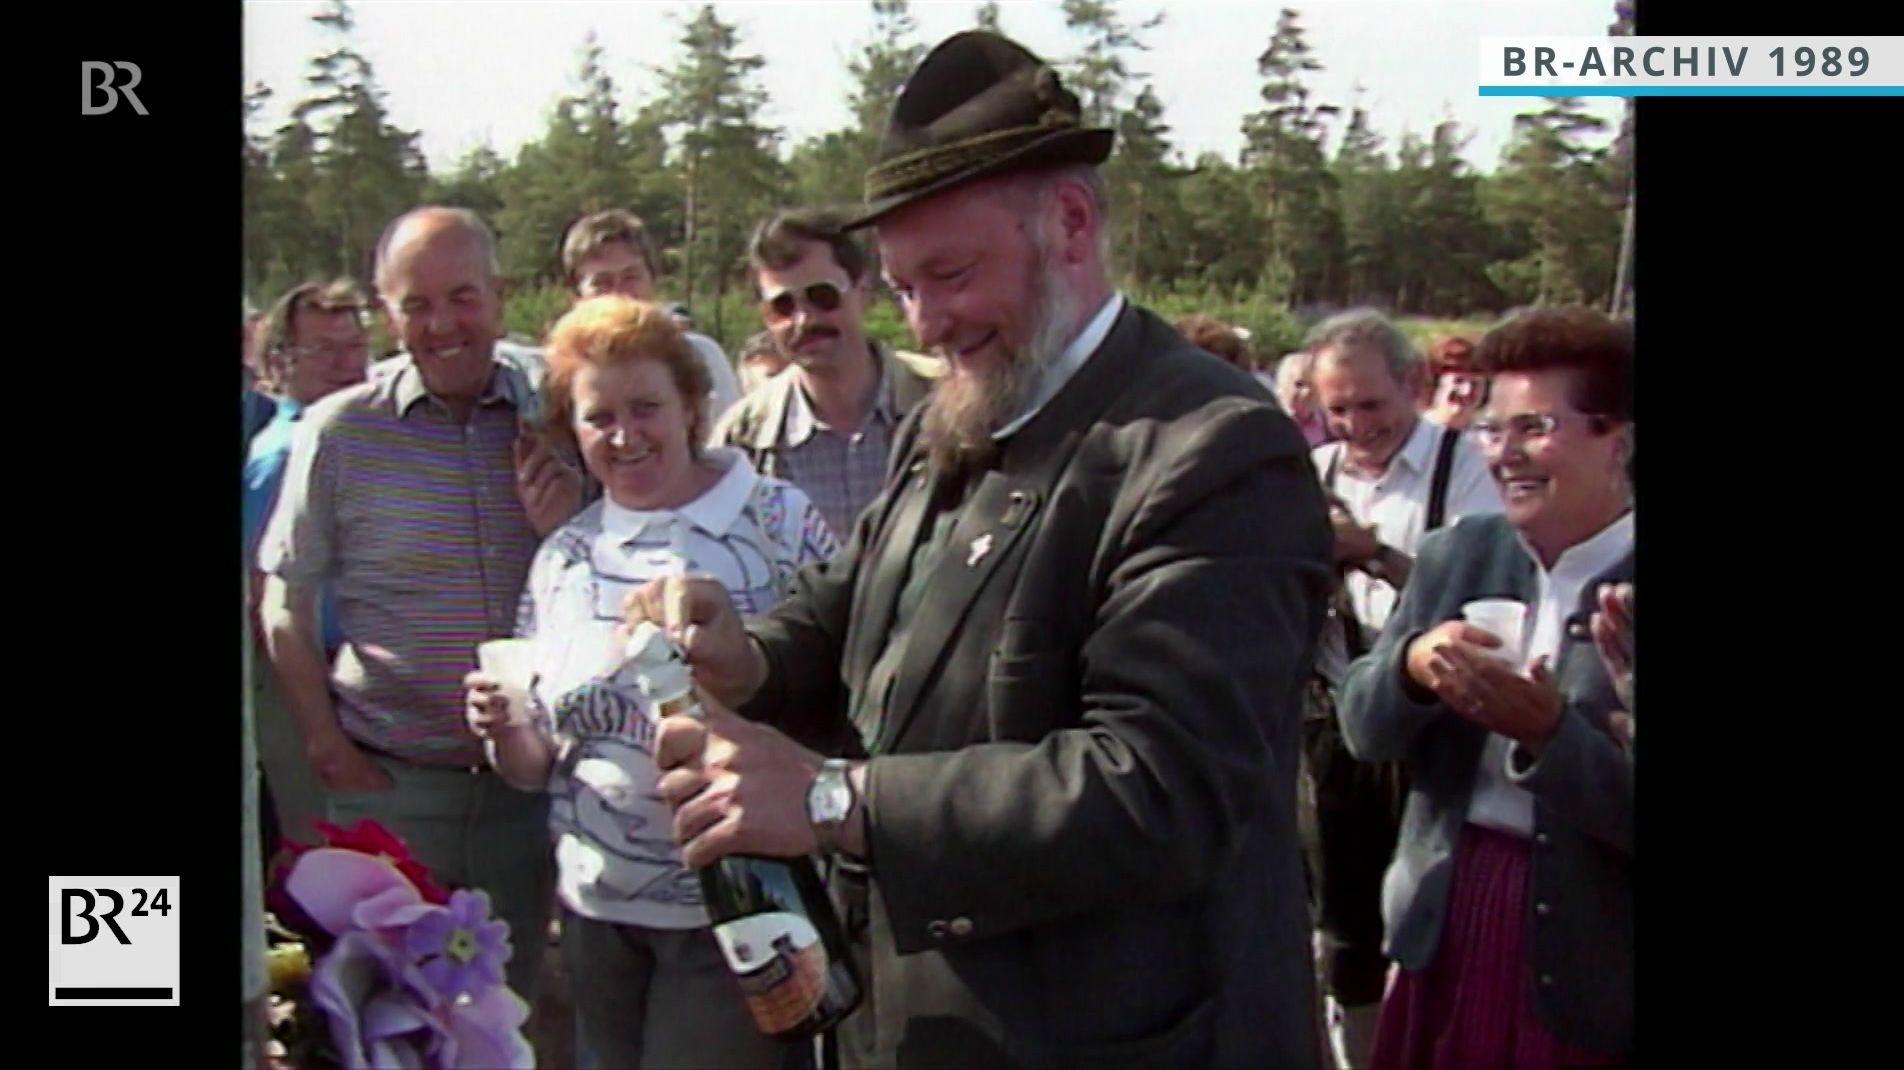 Pfarrer Salzl beim Öffnen einer Sektflasche